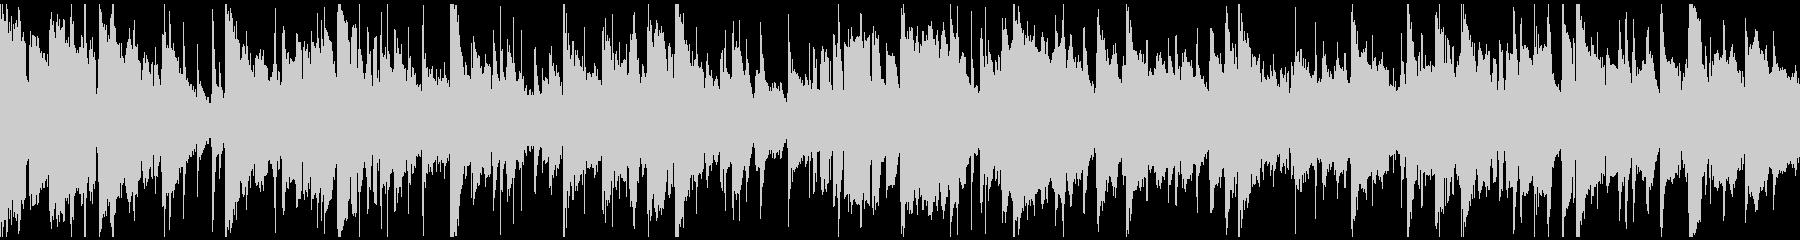 スムースジャズ、大人のサックス※ループ版の未再生の波形